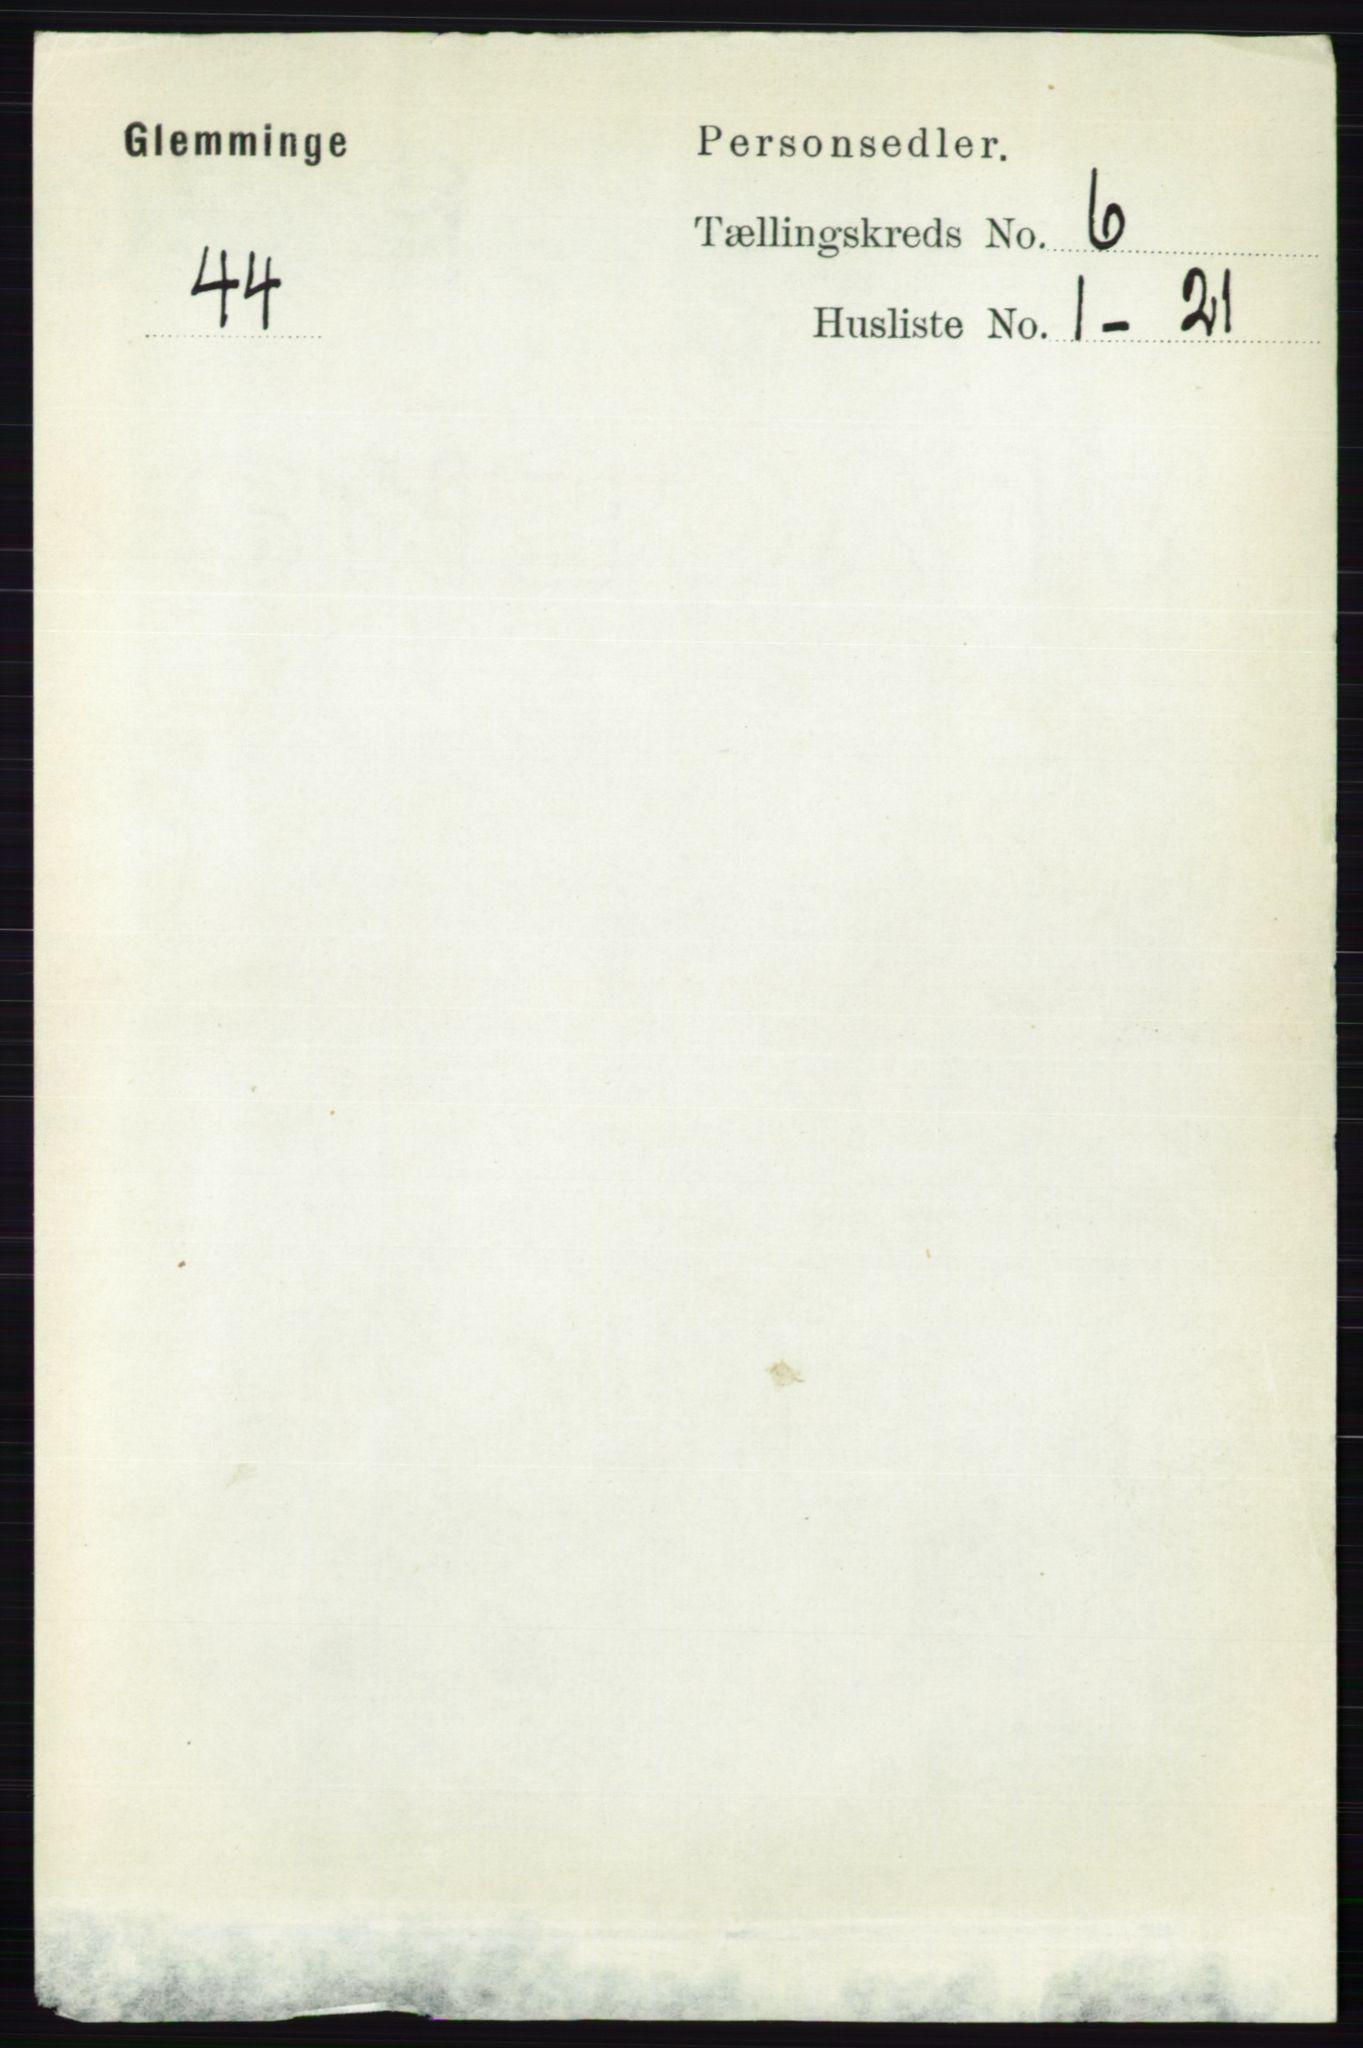 RA, Folketelling 1891 for 0132 Glemmen herred, 1891, s. 7506